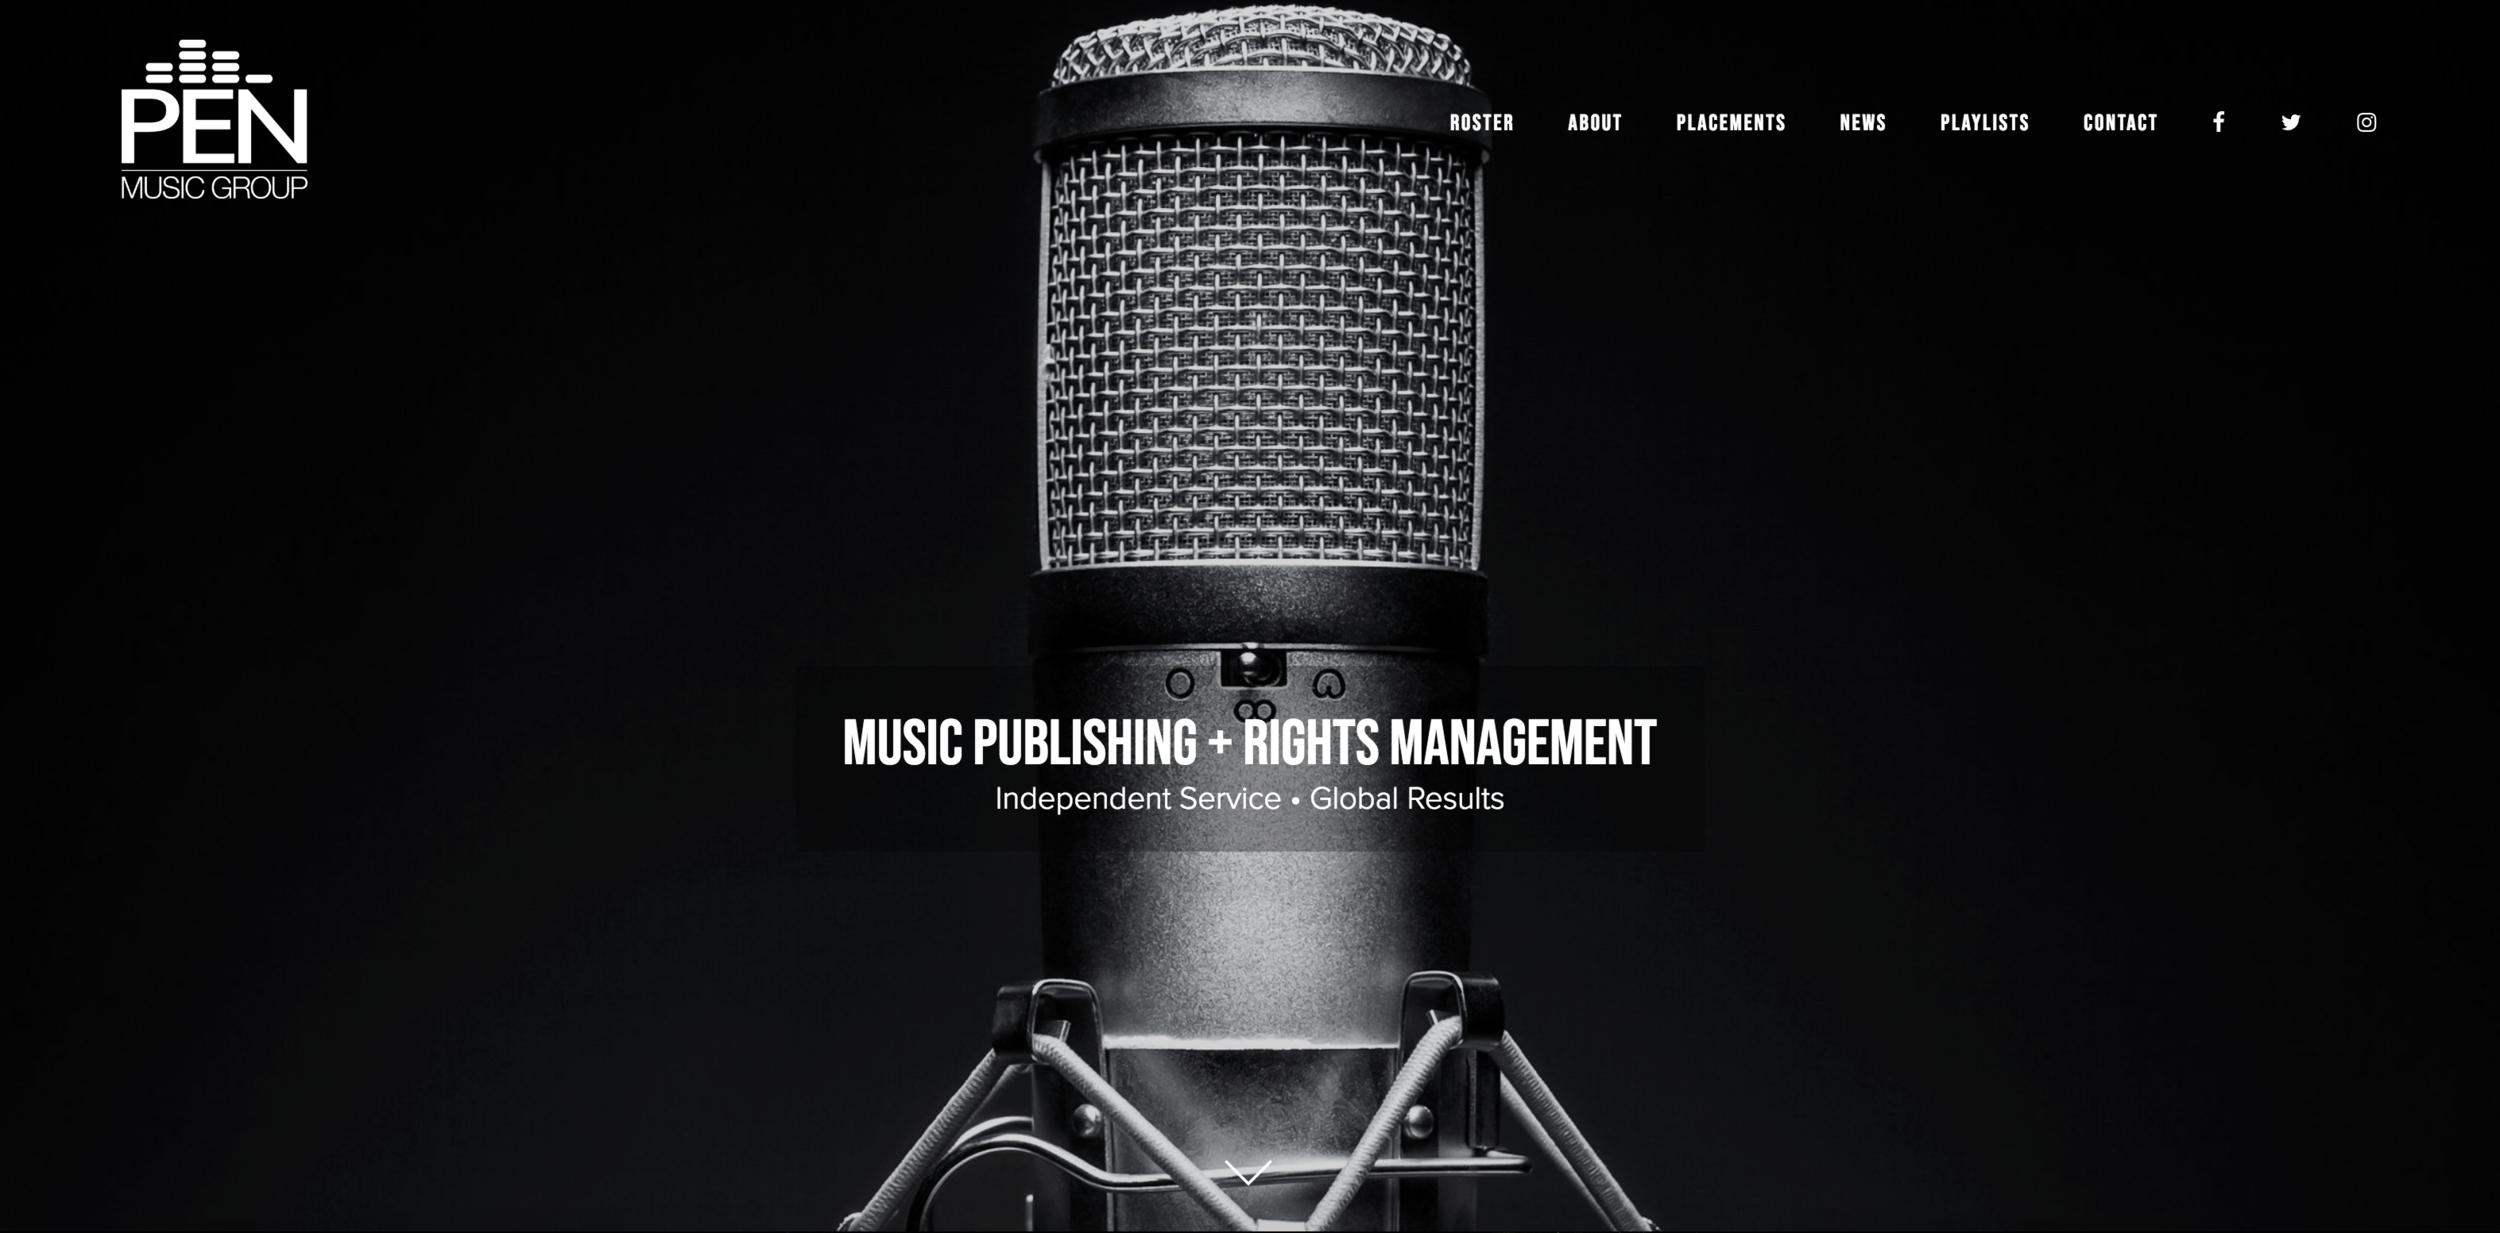 penmusic.com